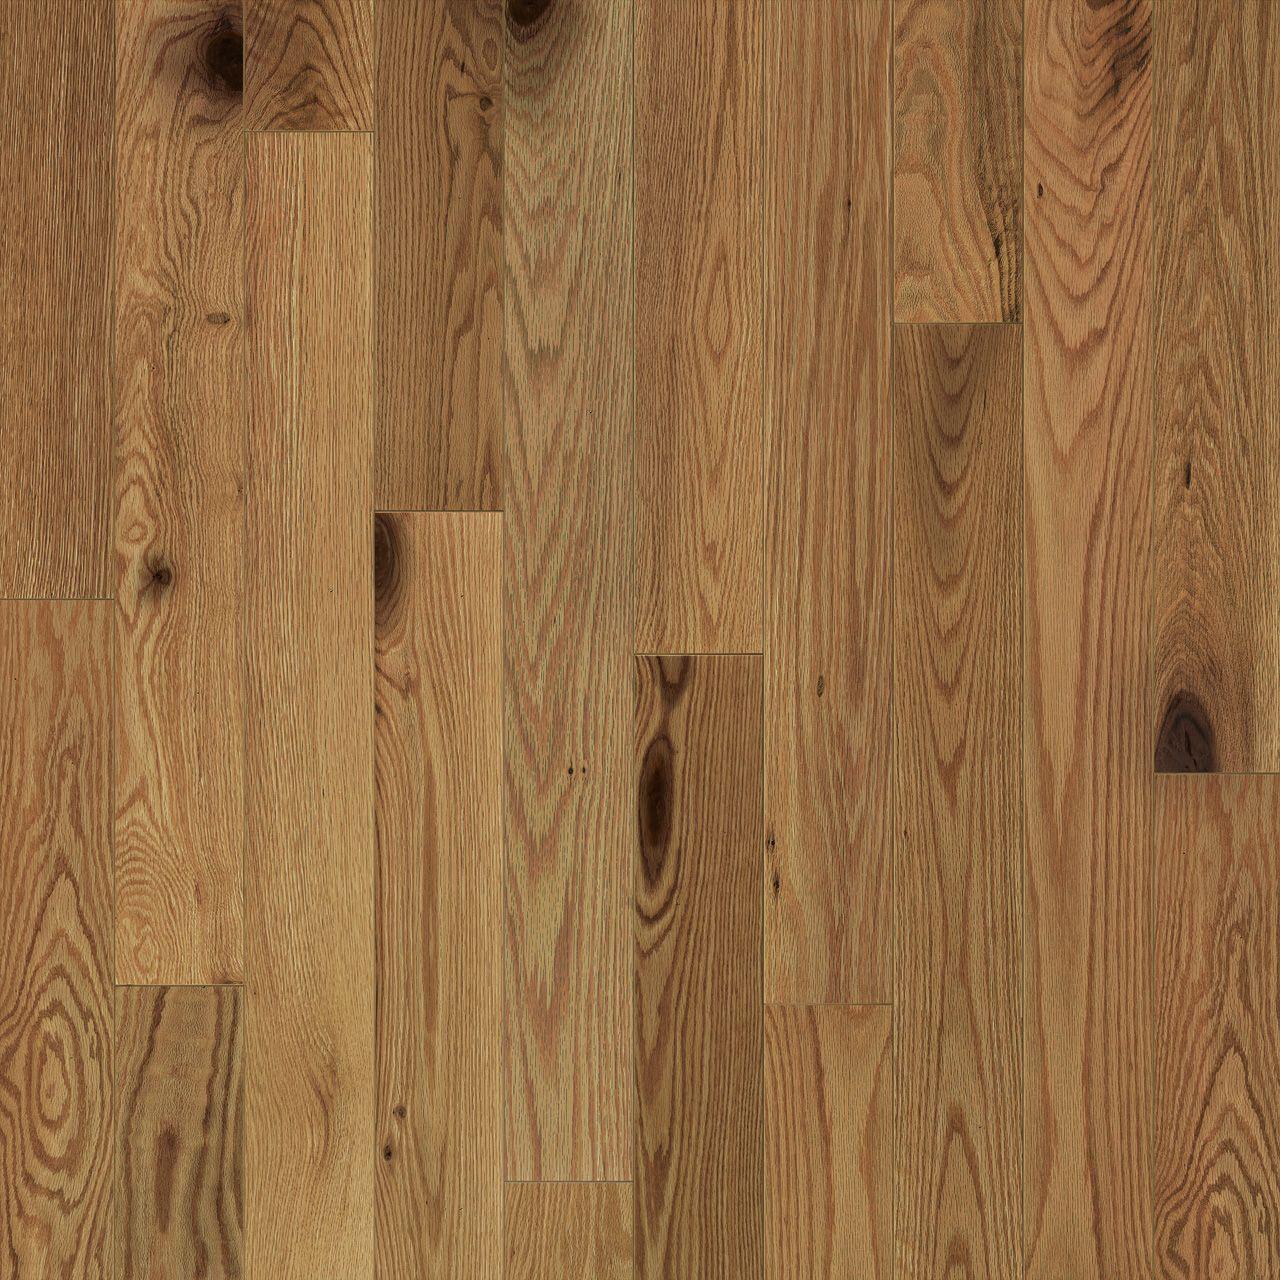 red oak, natural, oiled hardwood flooring Preverco